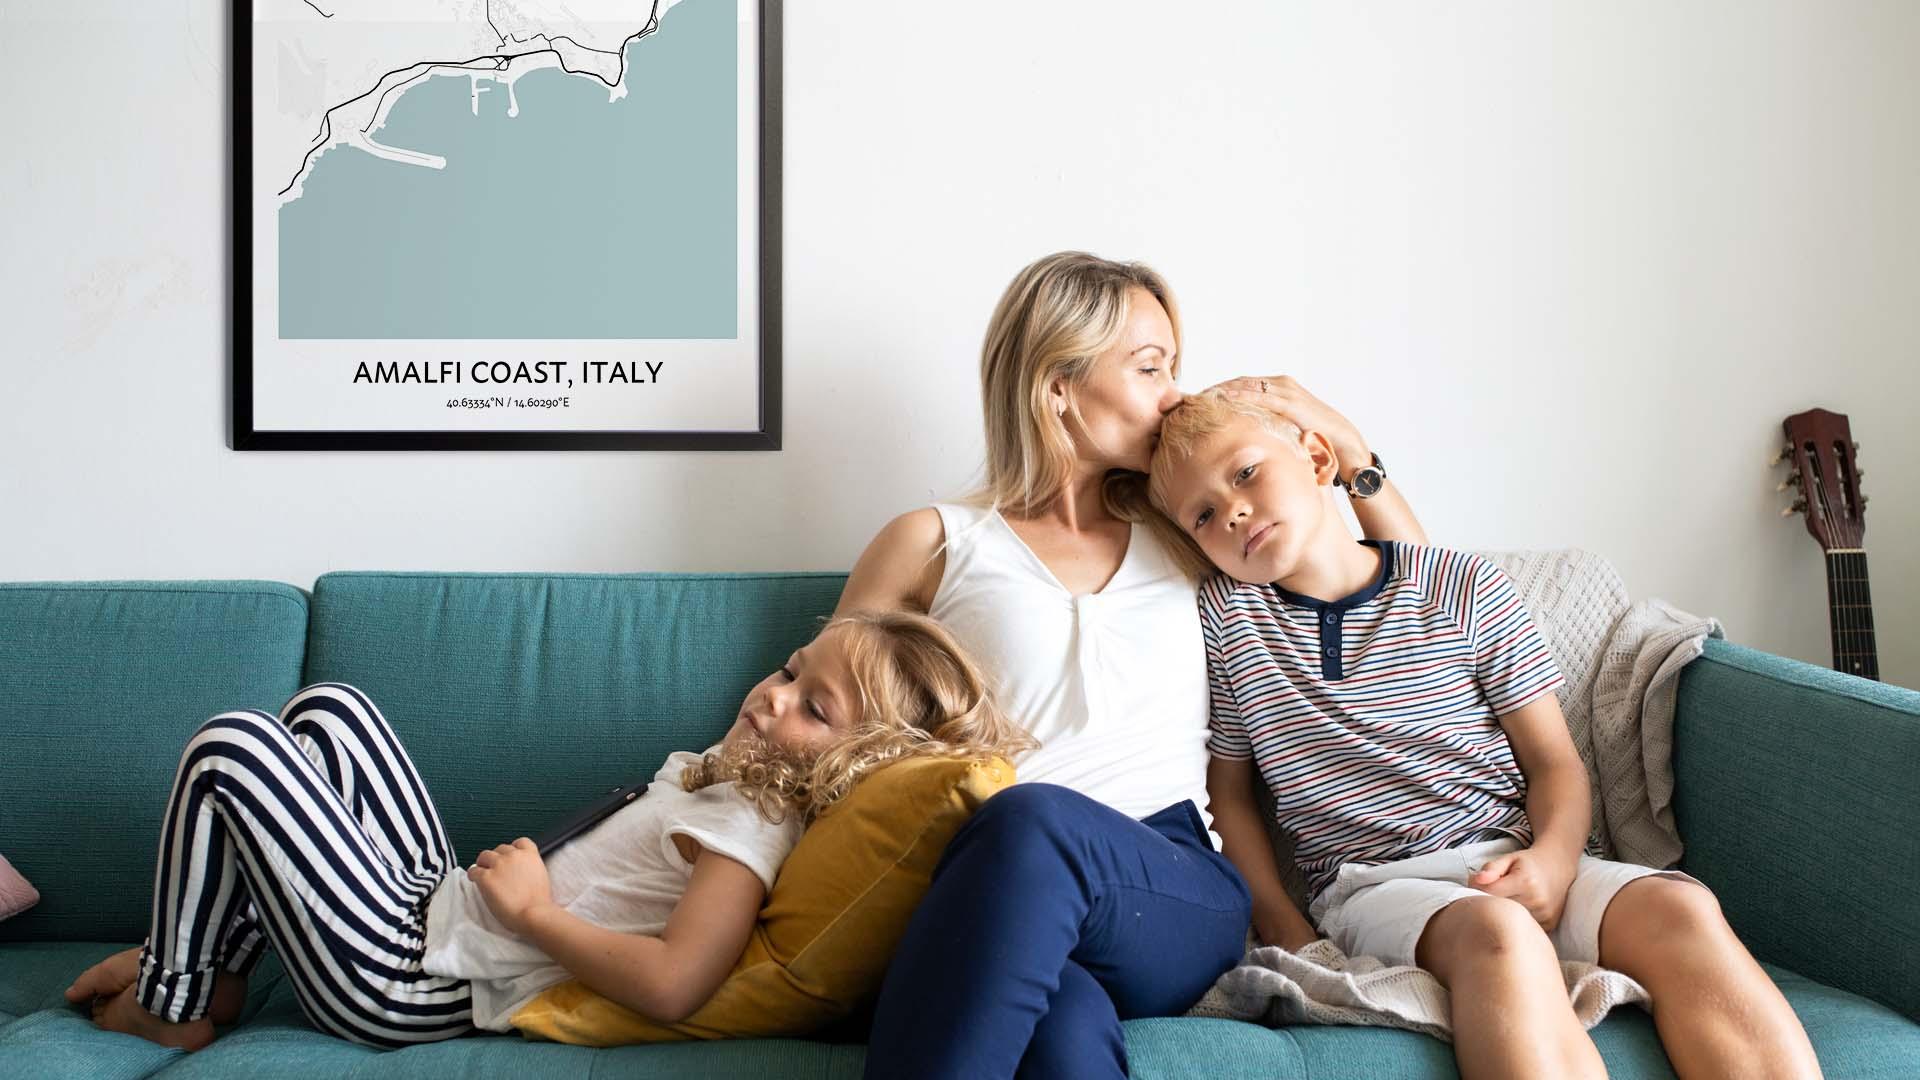 Amalfi Coast map poster